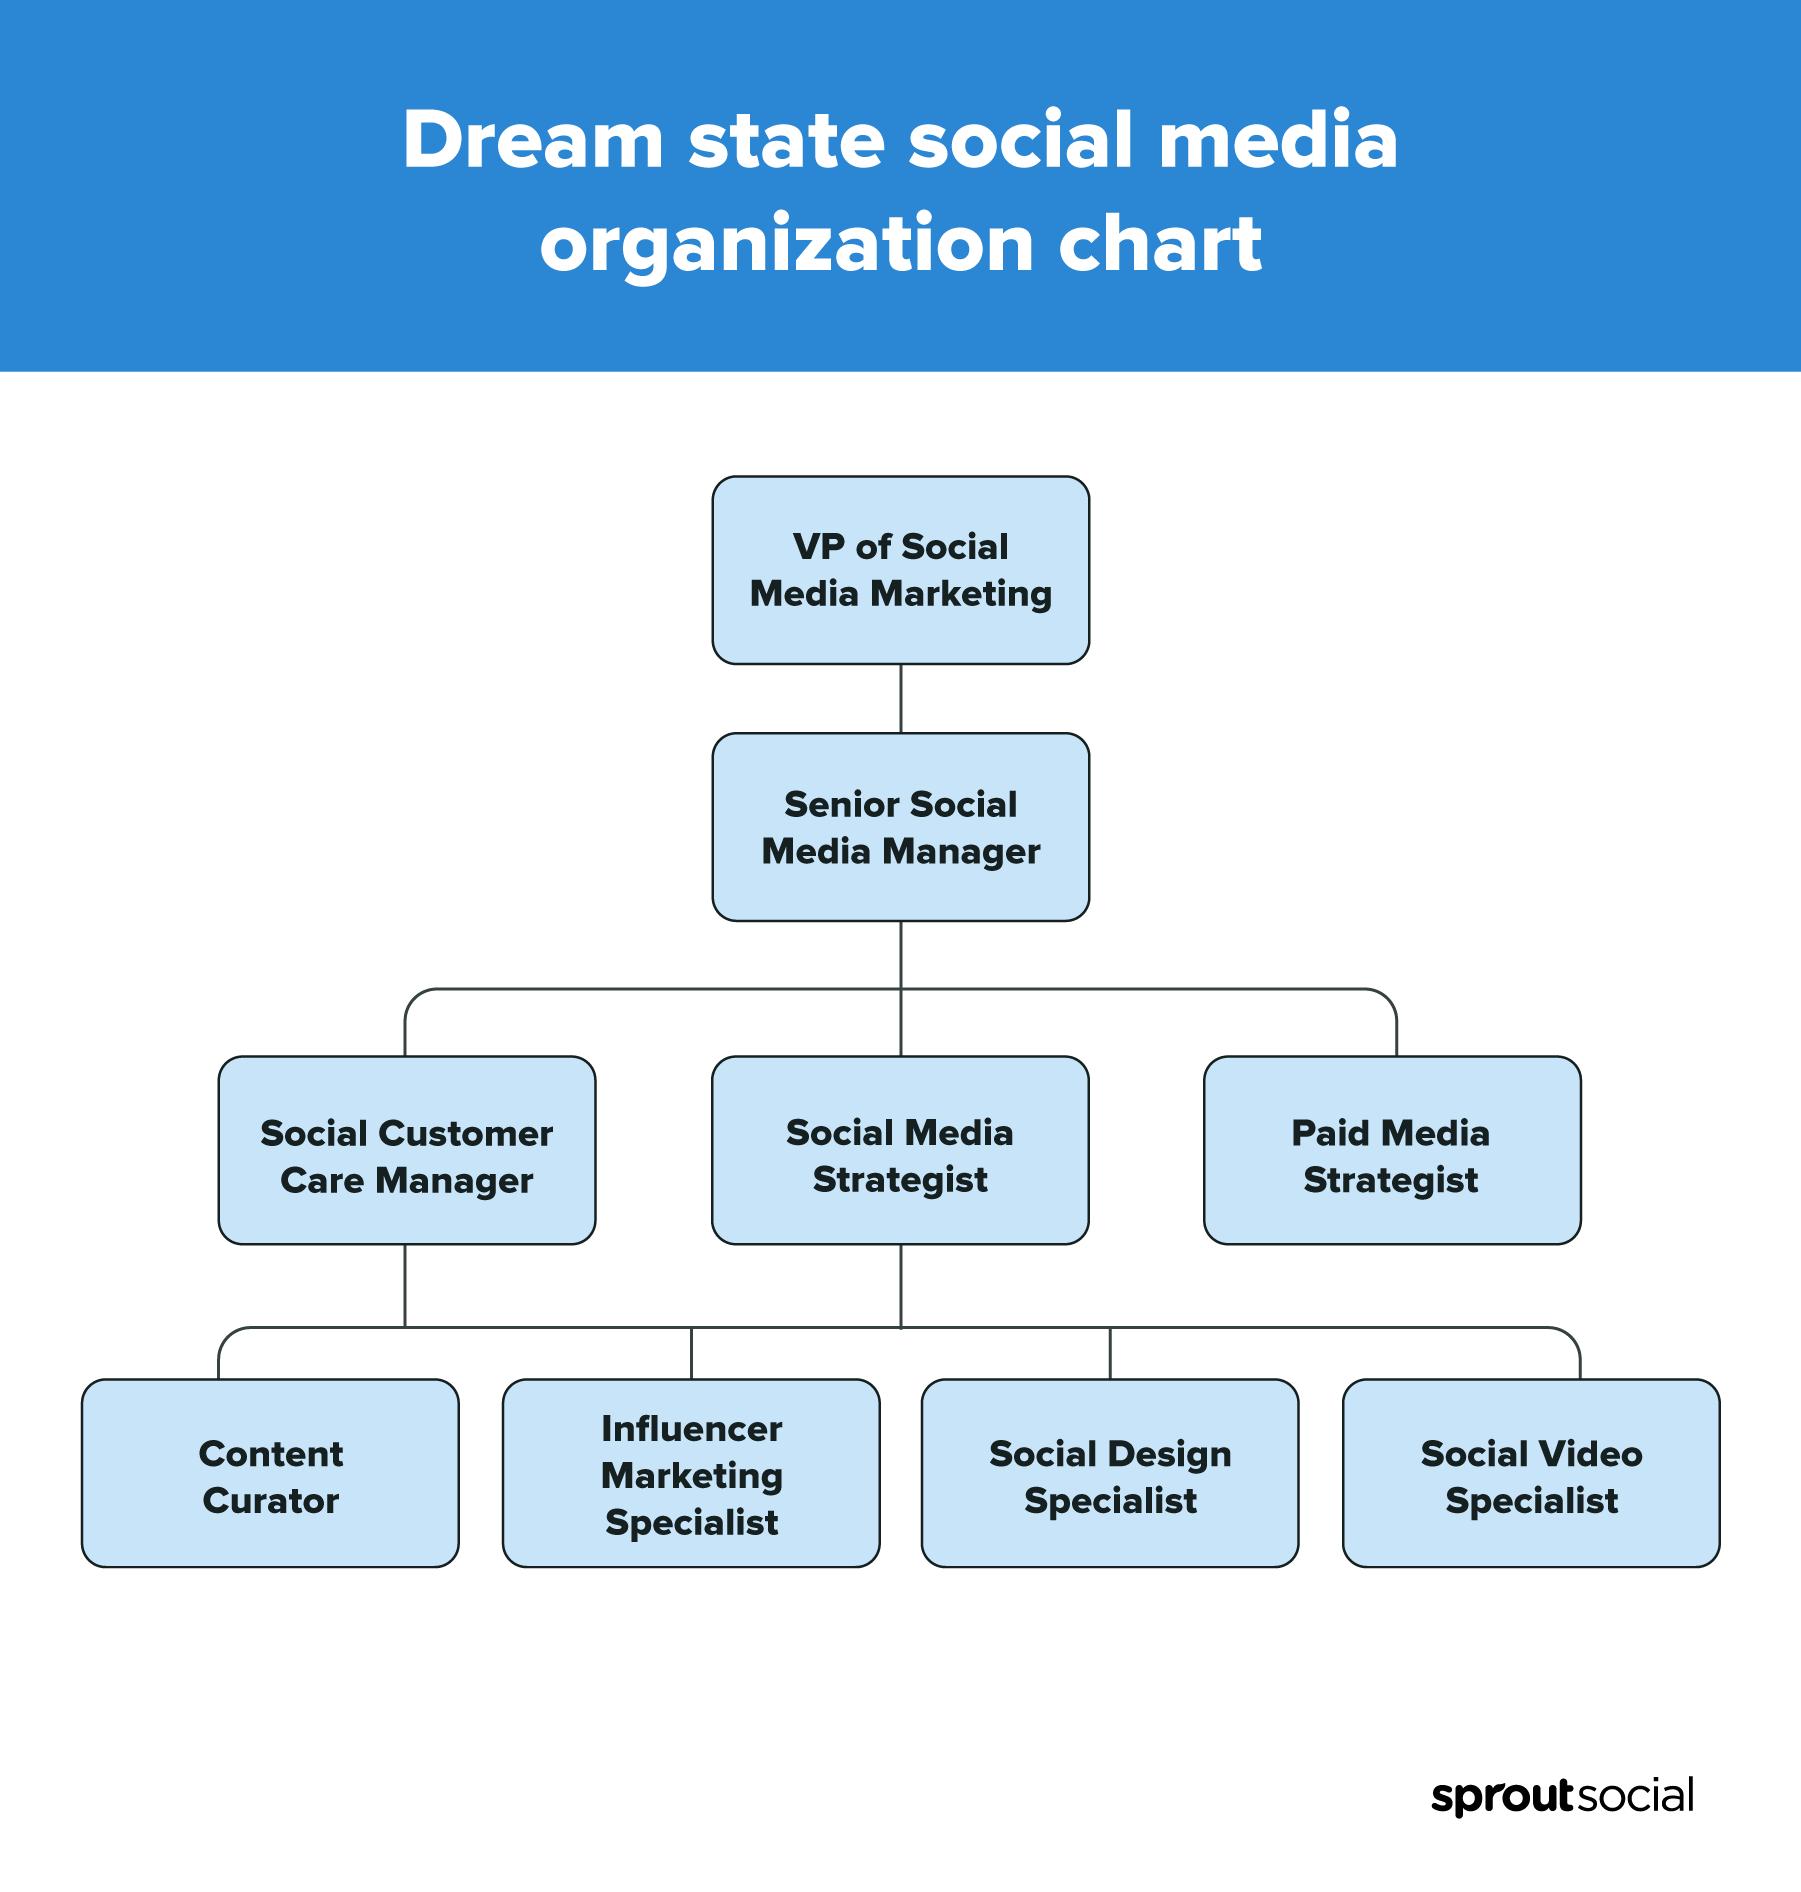 organigrama del equipo social del estado de los sueños